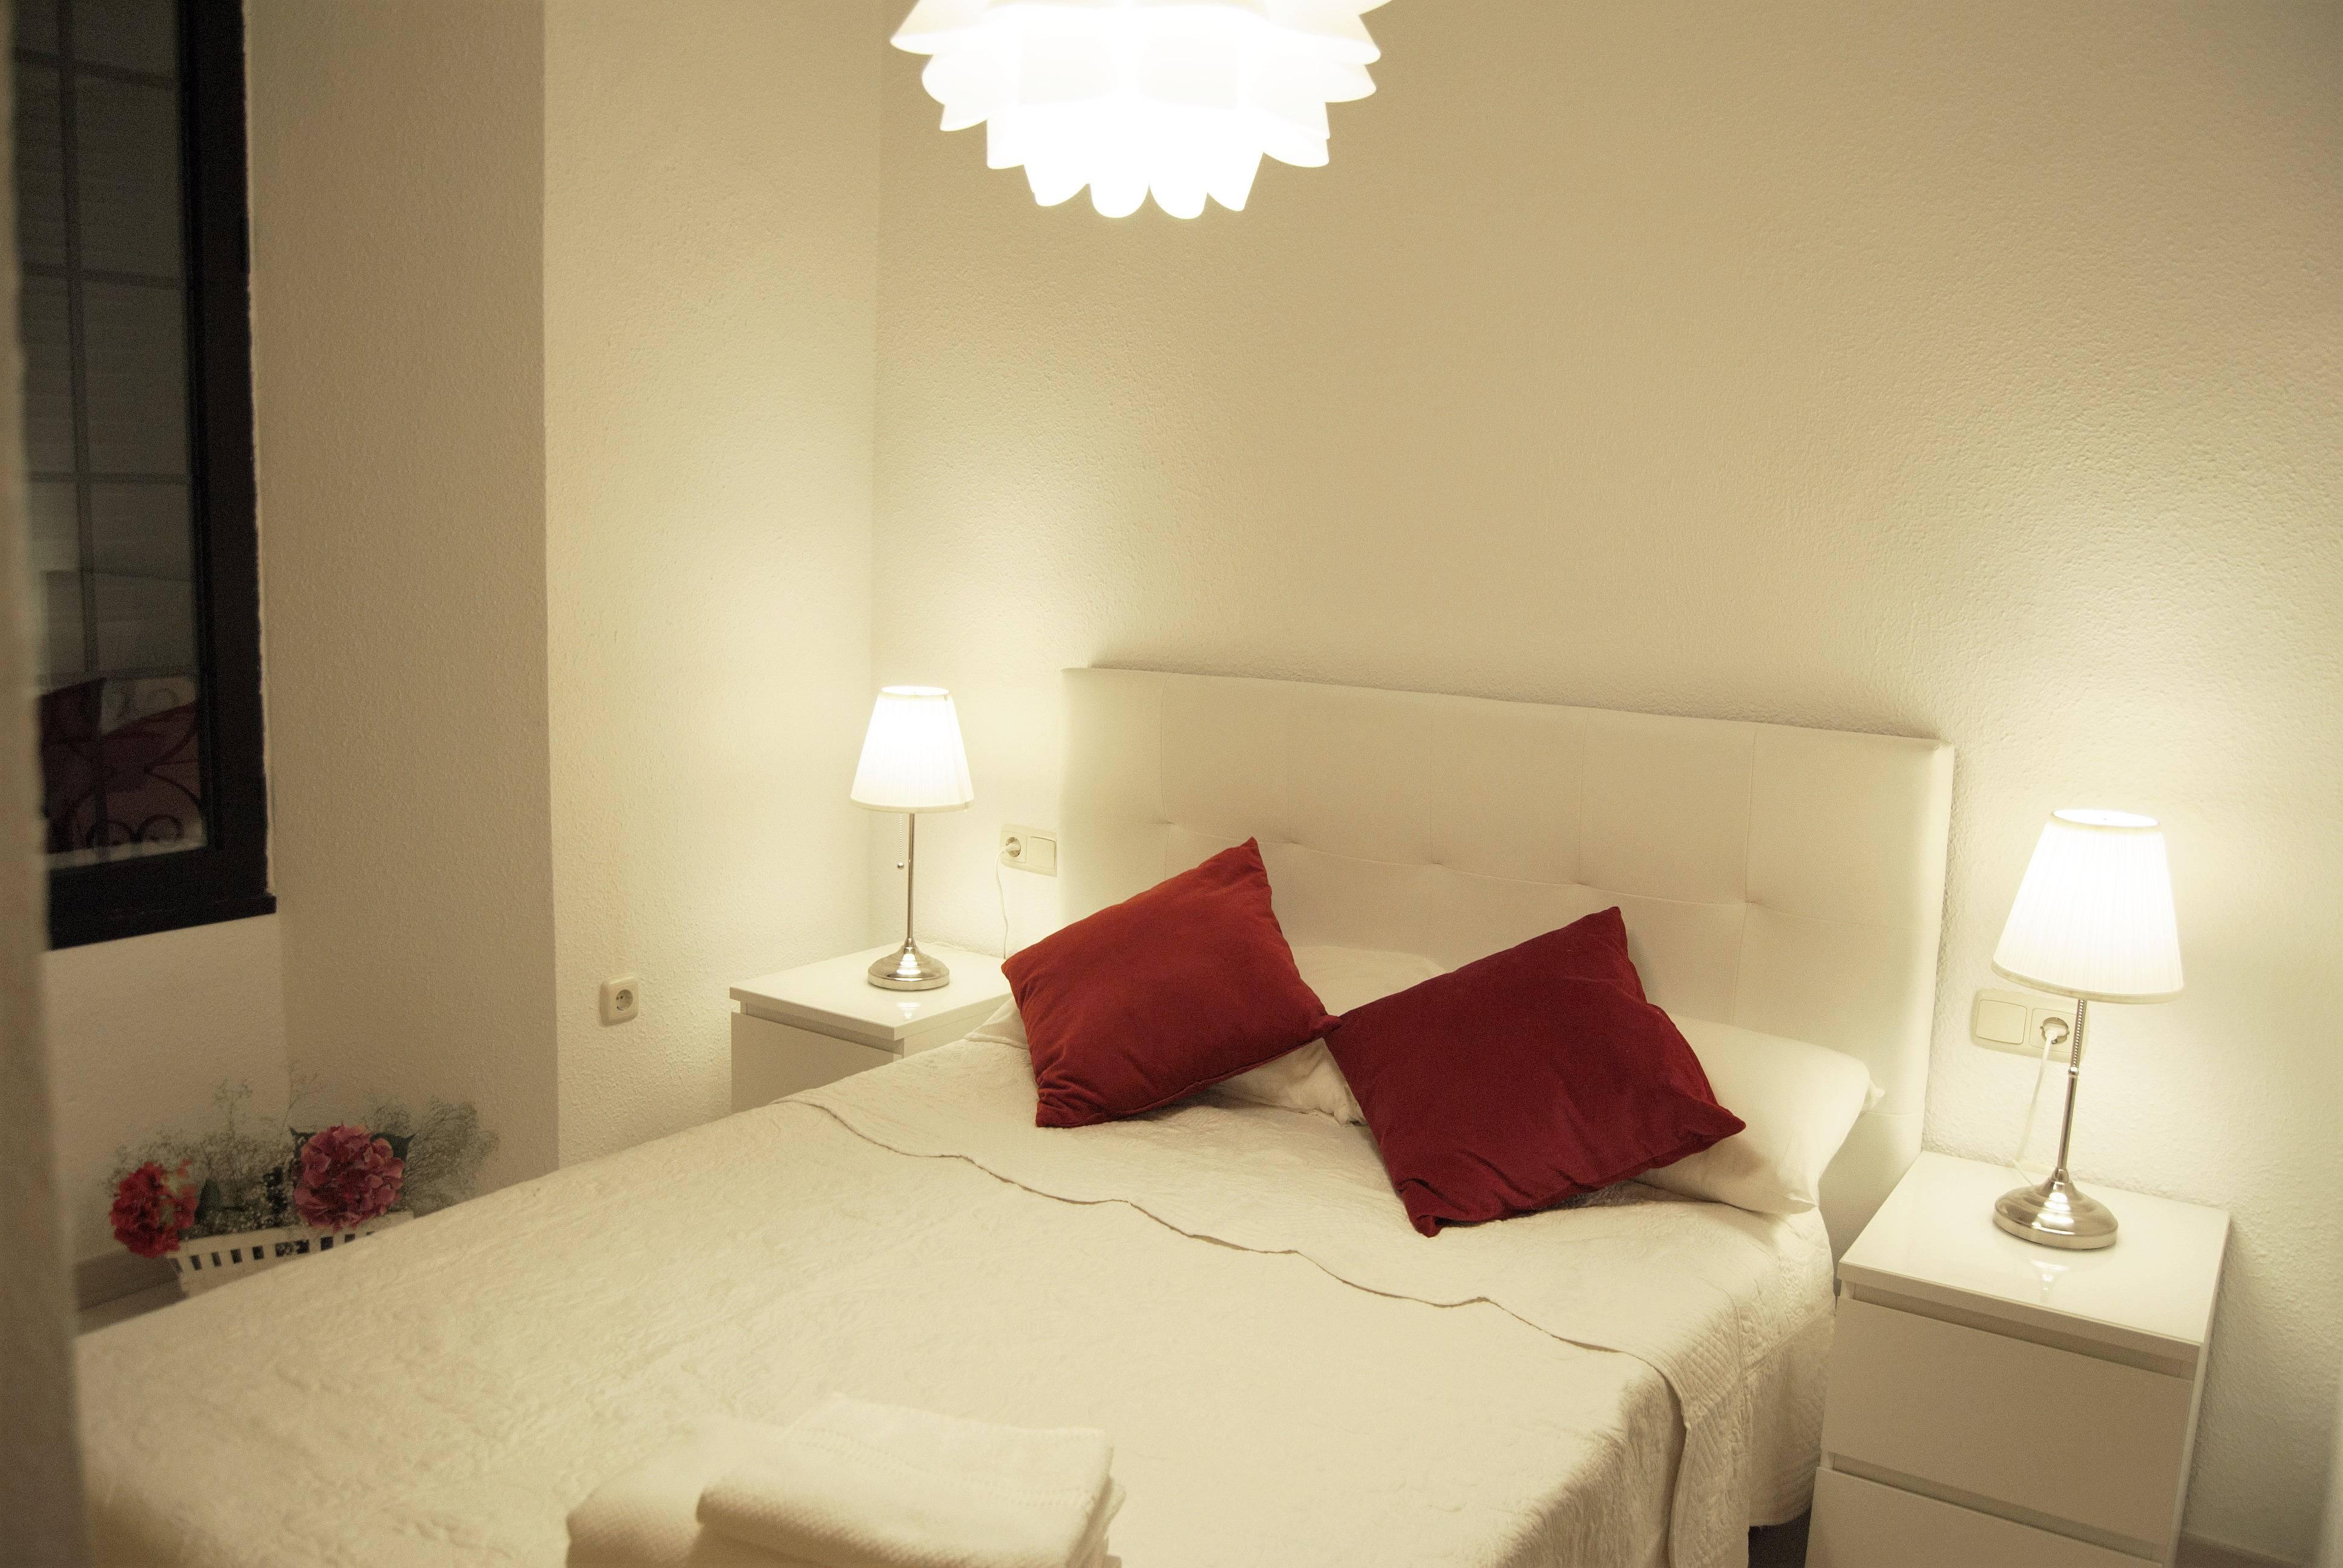 Apartamento de 2 habitaciones en m laga centro m laga m laga costa del sol - Apartamento vacacional malaga ...